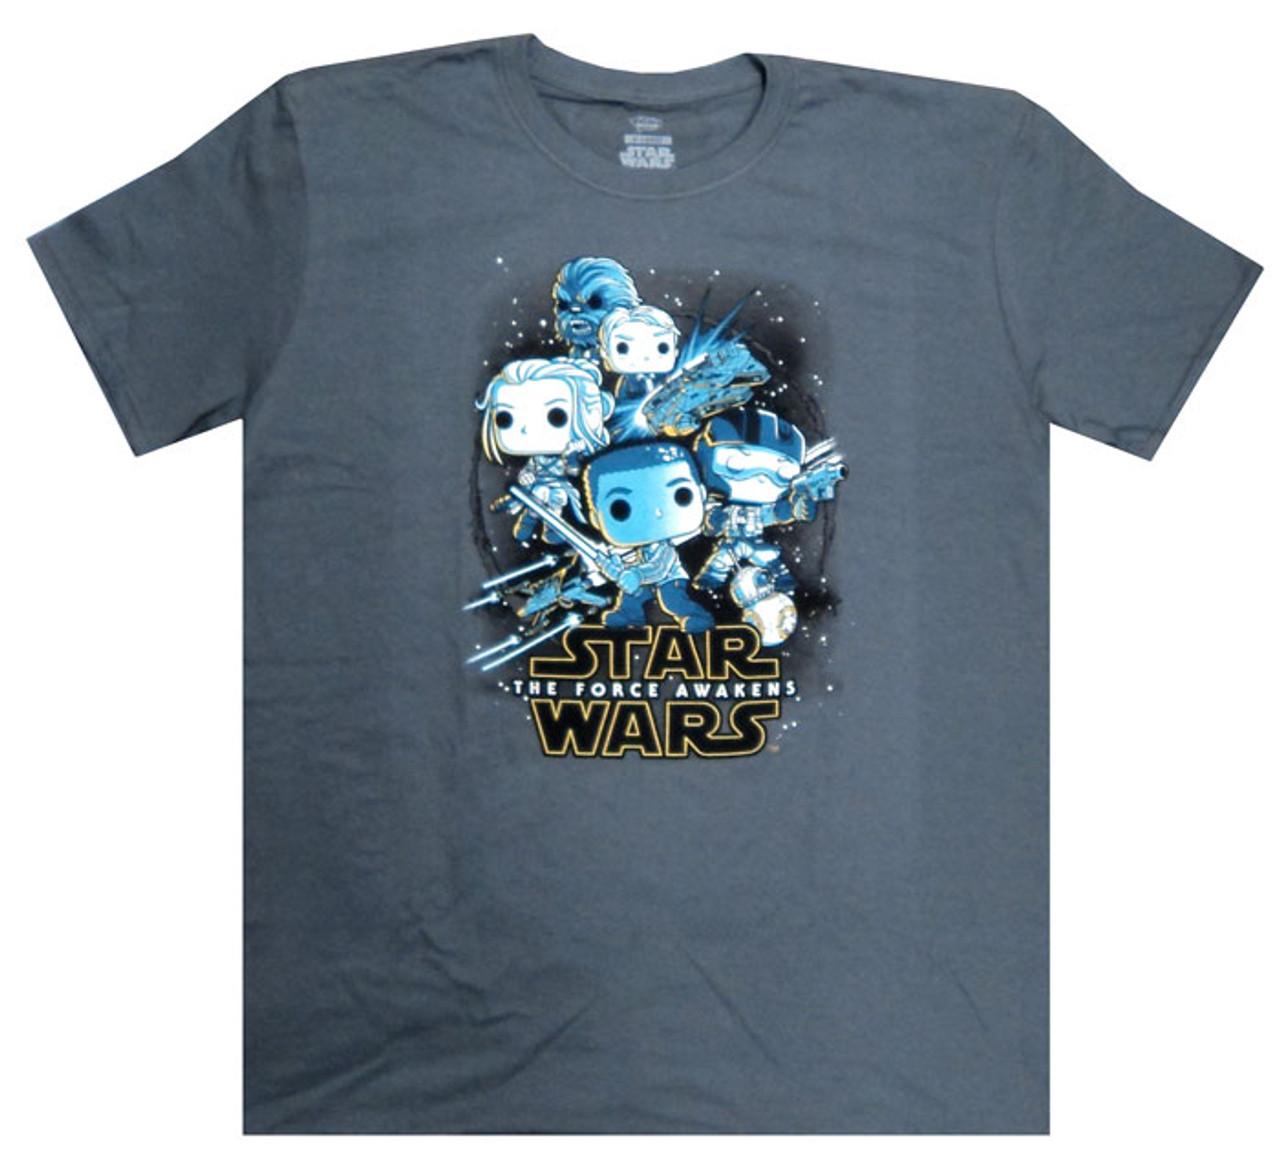 Funko Star Wars The Force Awakens Funko Pop Star Wars